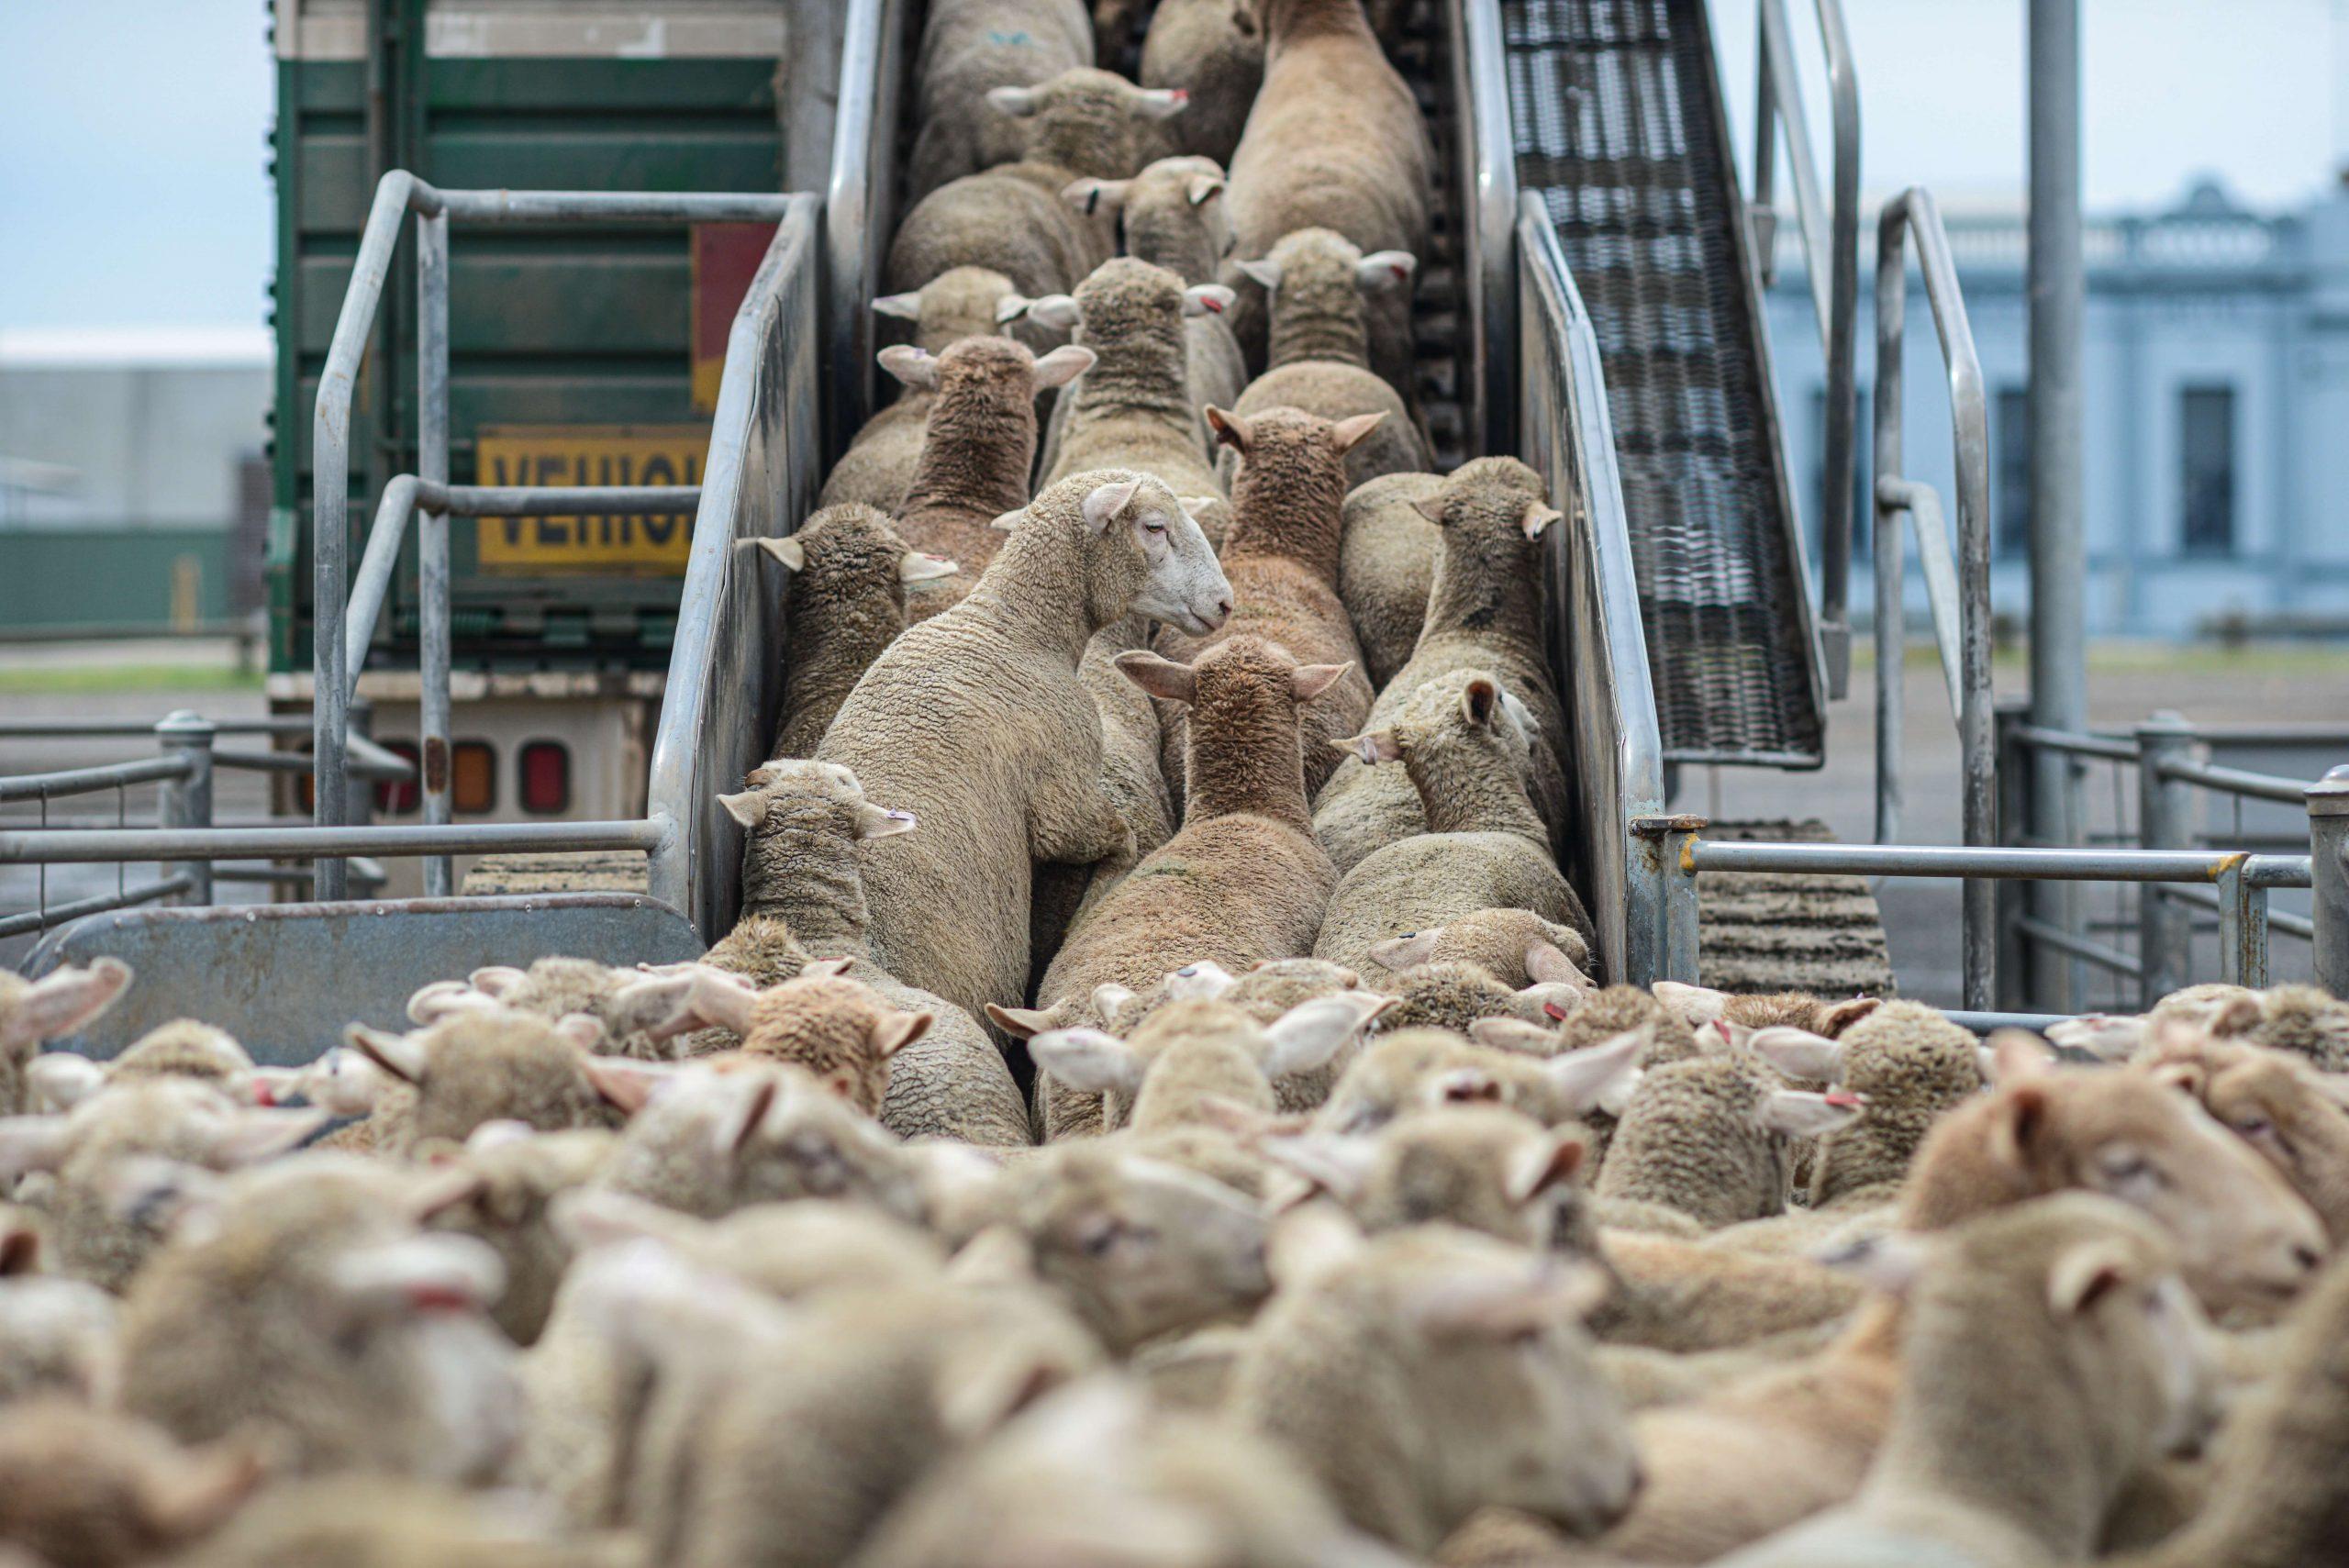 Mange sauer blir fraktet inn i transportbil, tett i tett